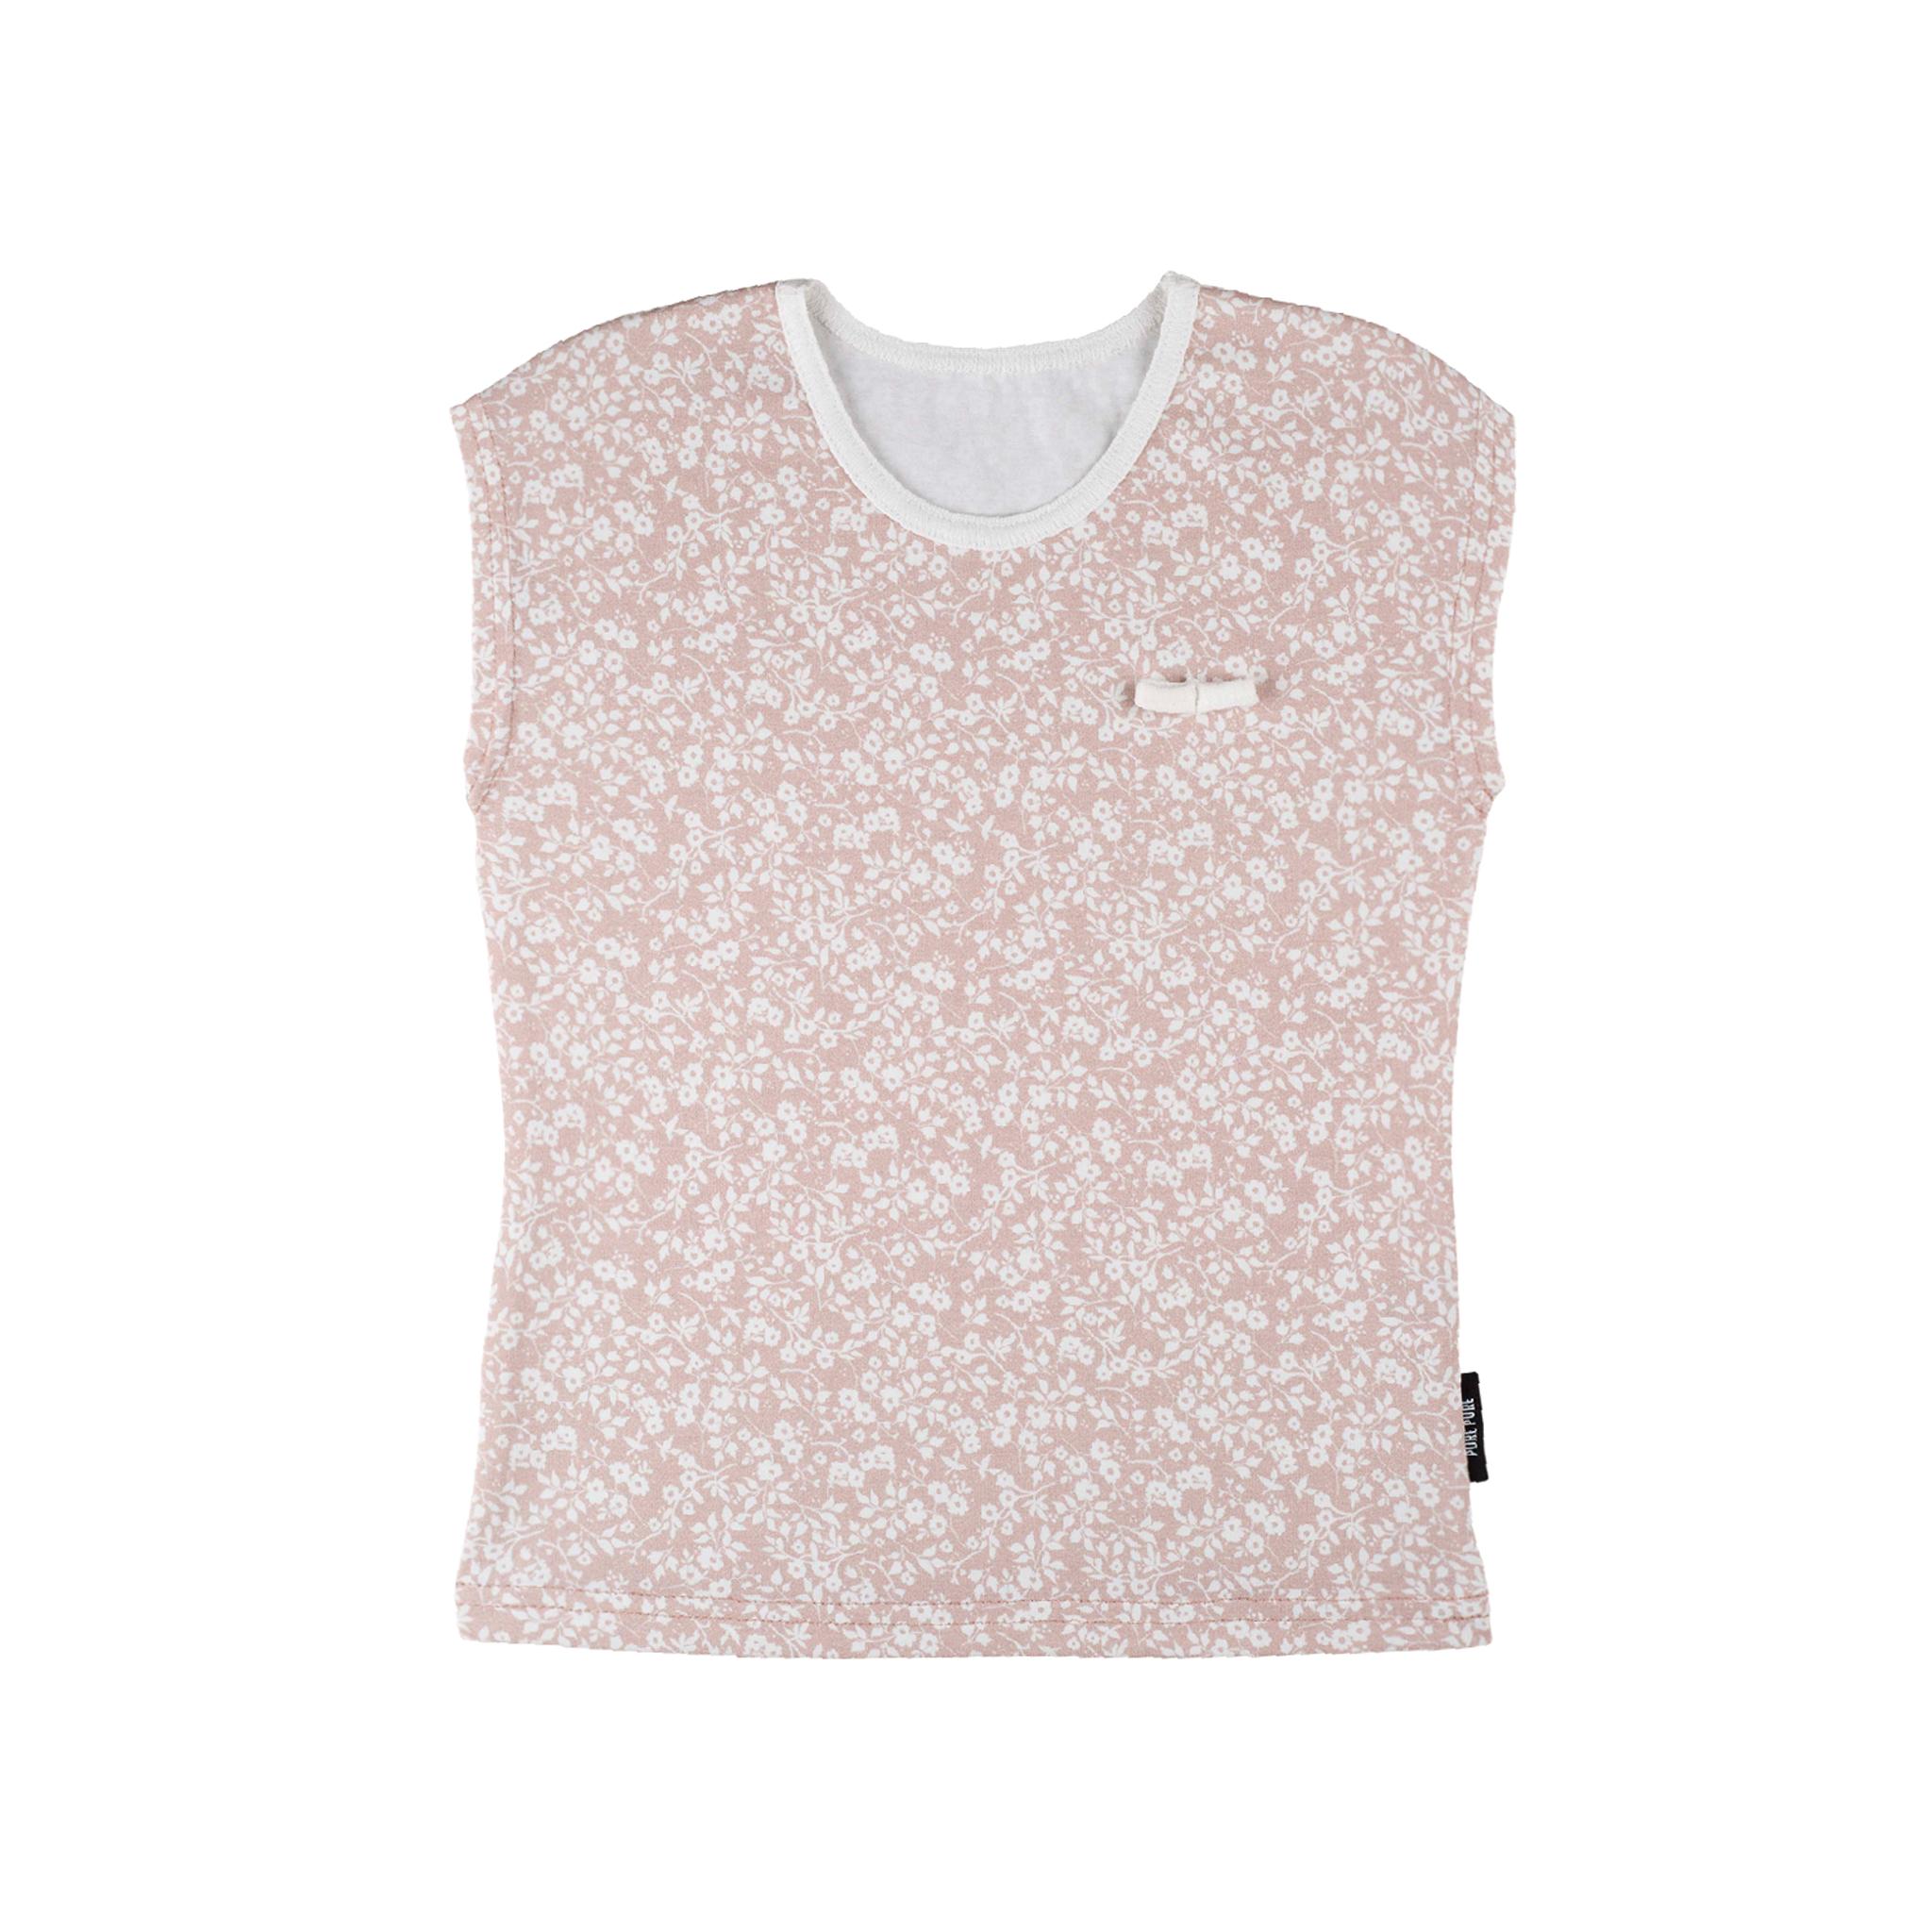 Basicshirt für Mädchen / PURE PURE